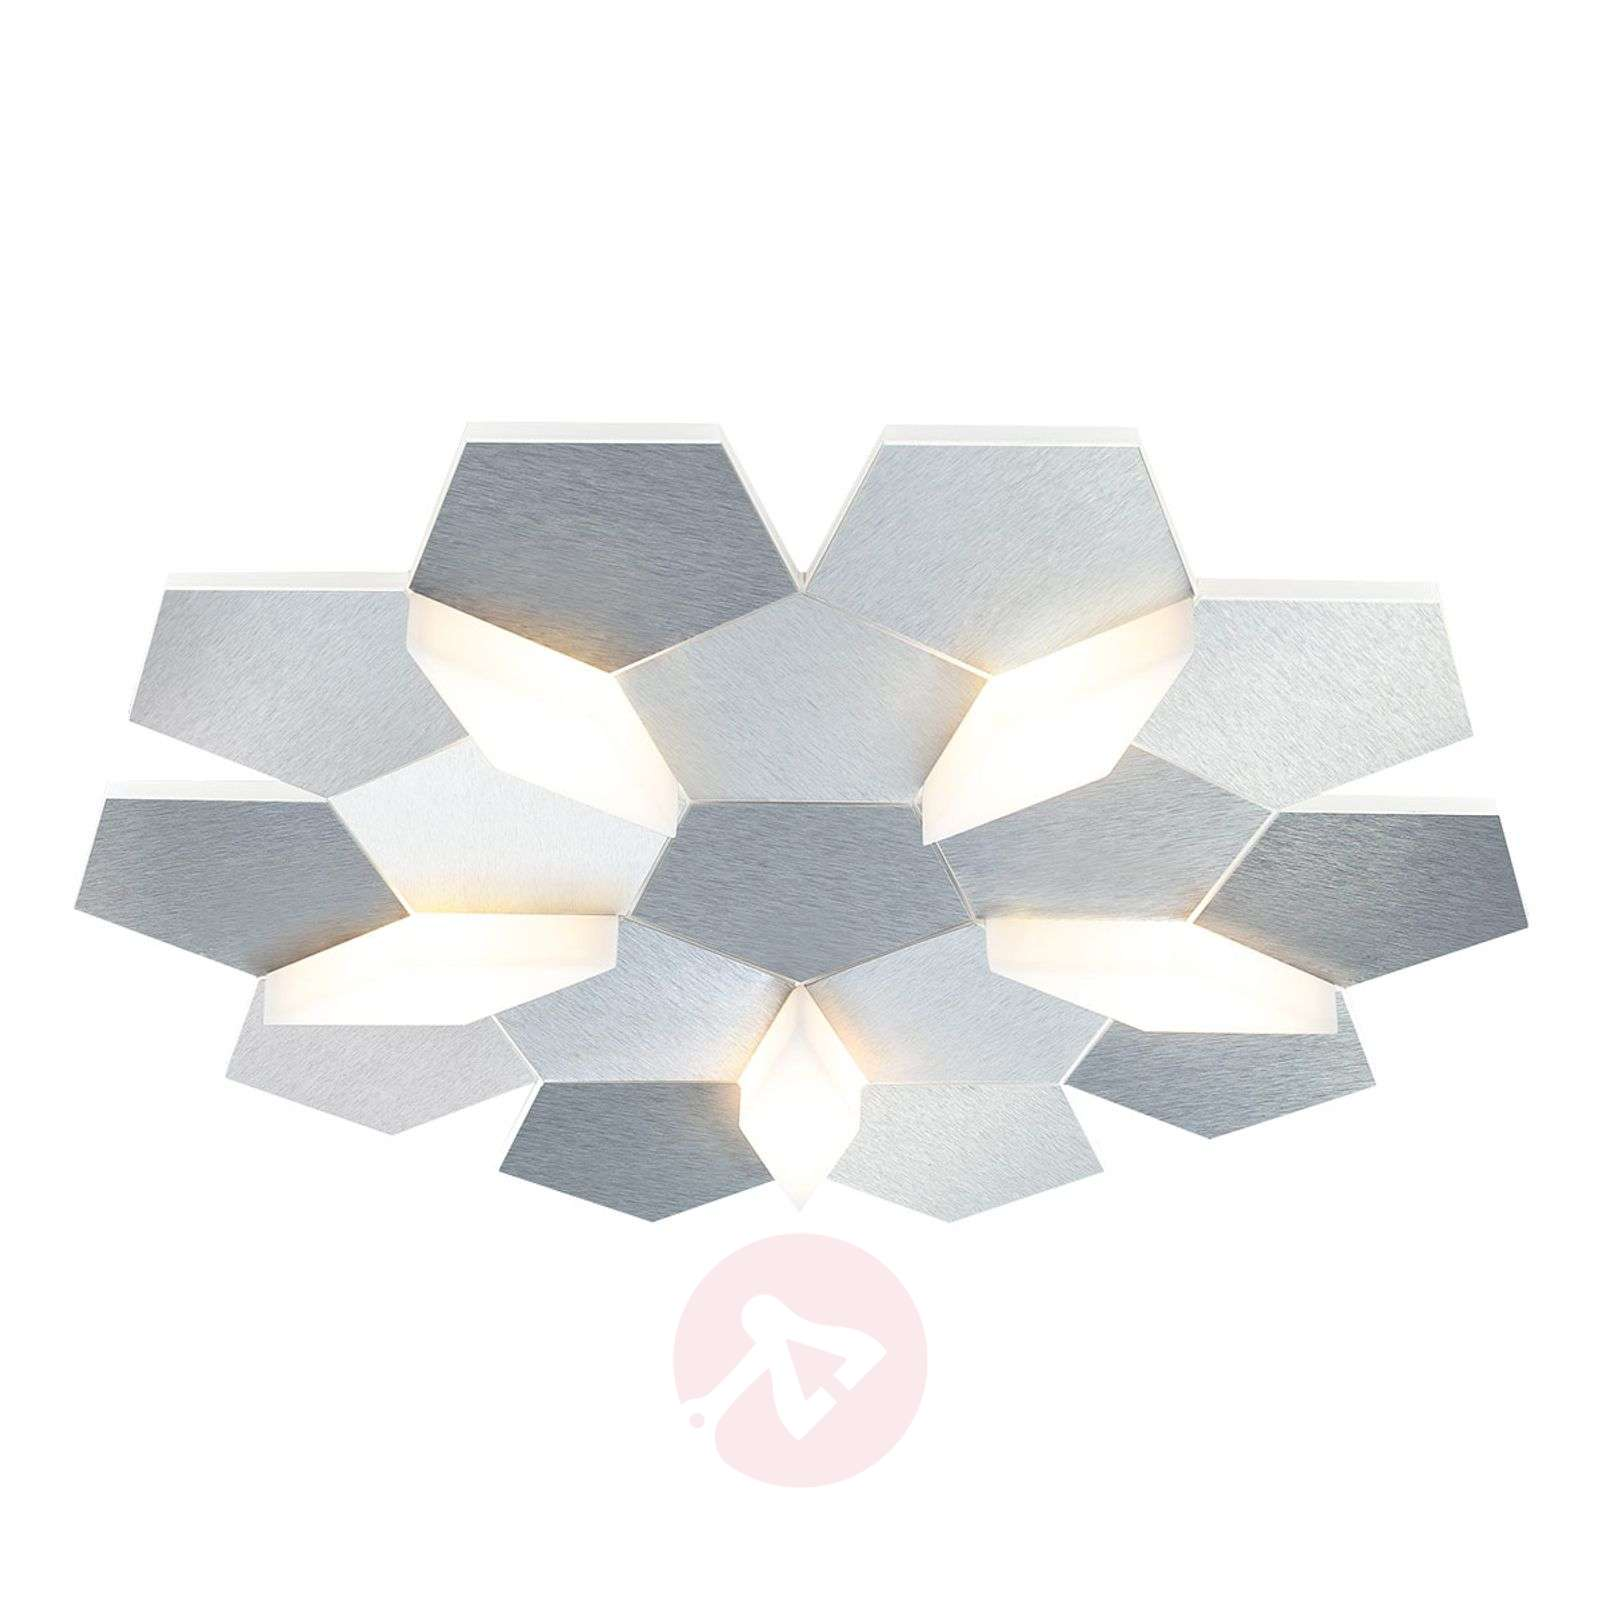 GROSSMANN Karat LED-kattovalaisin 5-lampp.-4022039-01